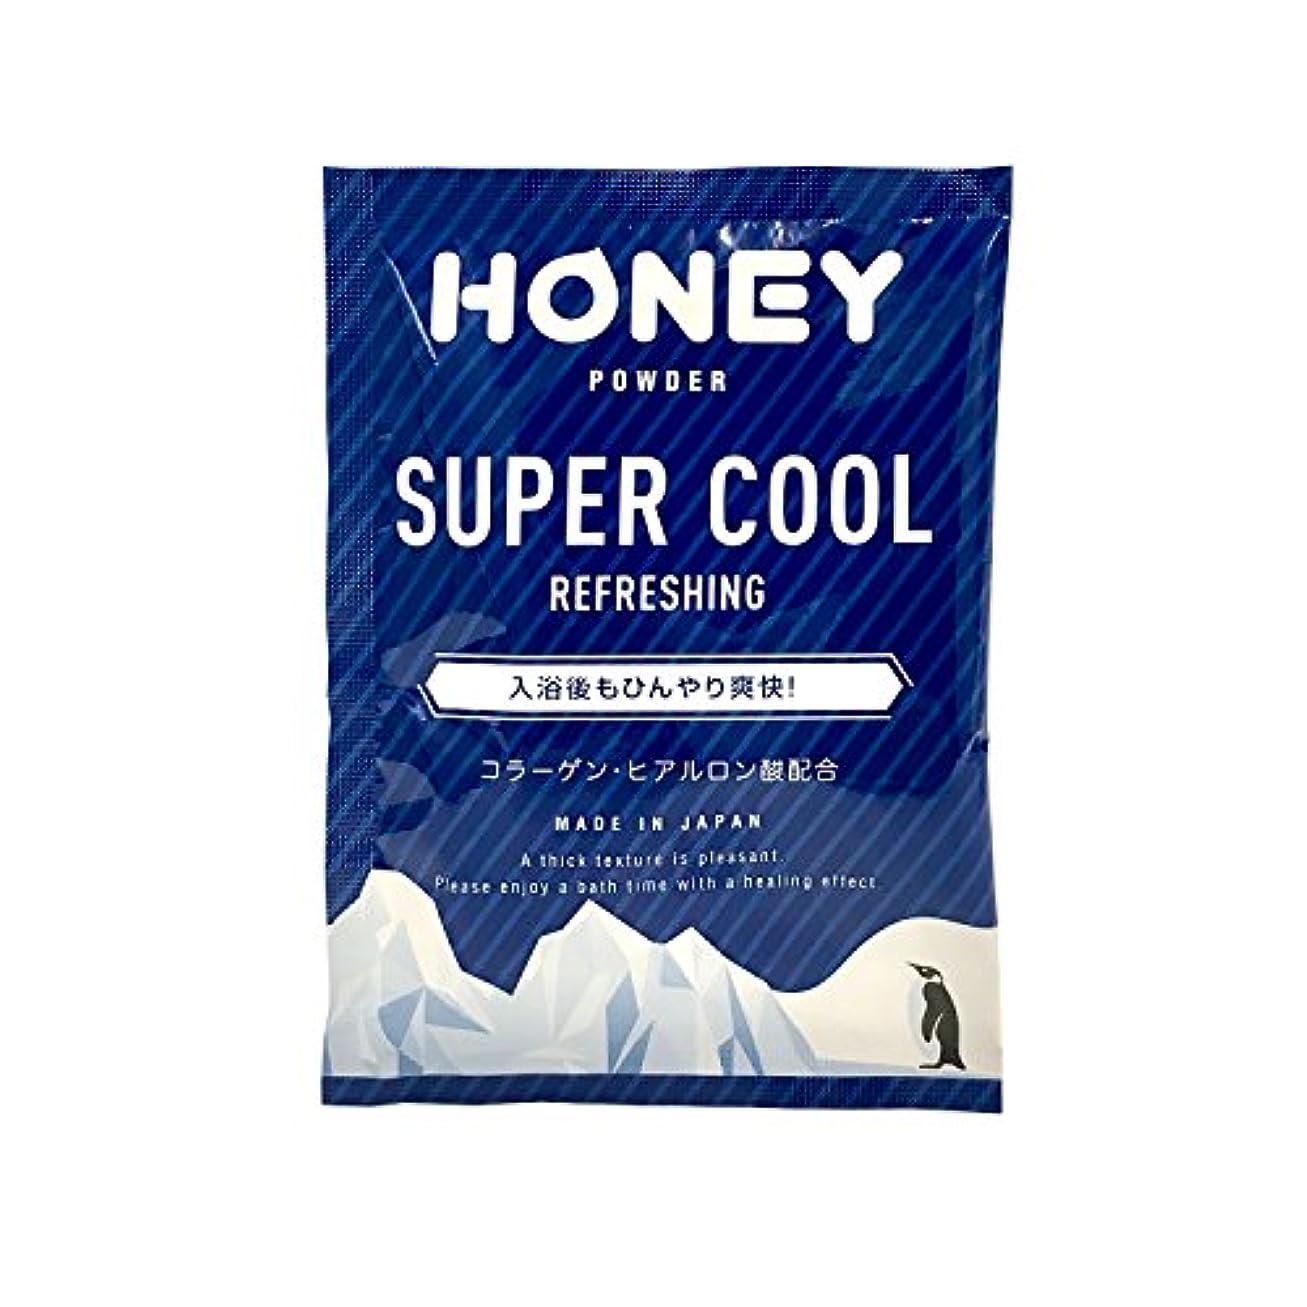 アイドルバルーンデコラティブとろとろ入浴剤【honey powder】(ハニーパウダー) スーパークール 粉末タイプ ローション